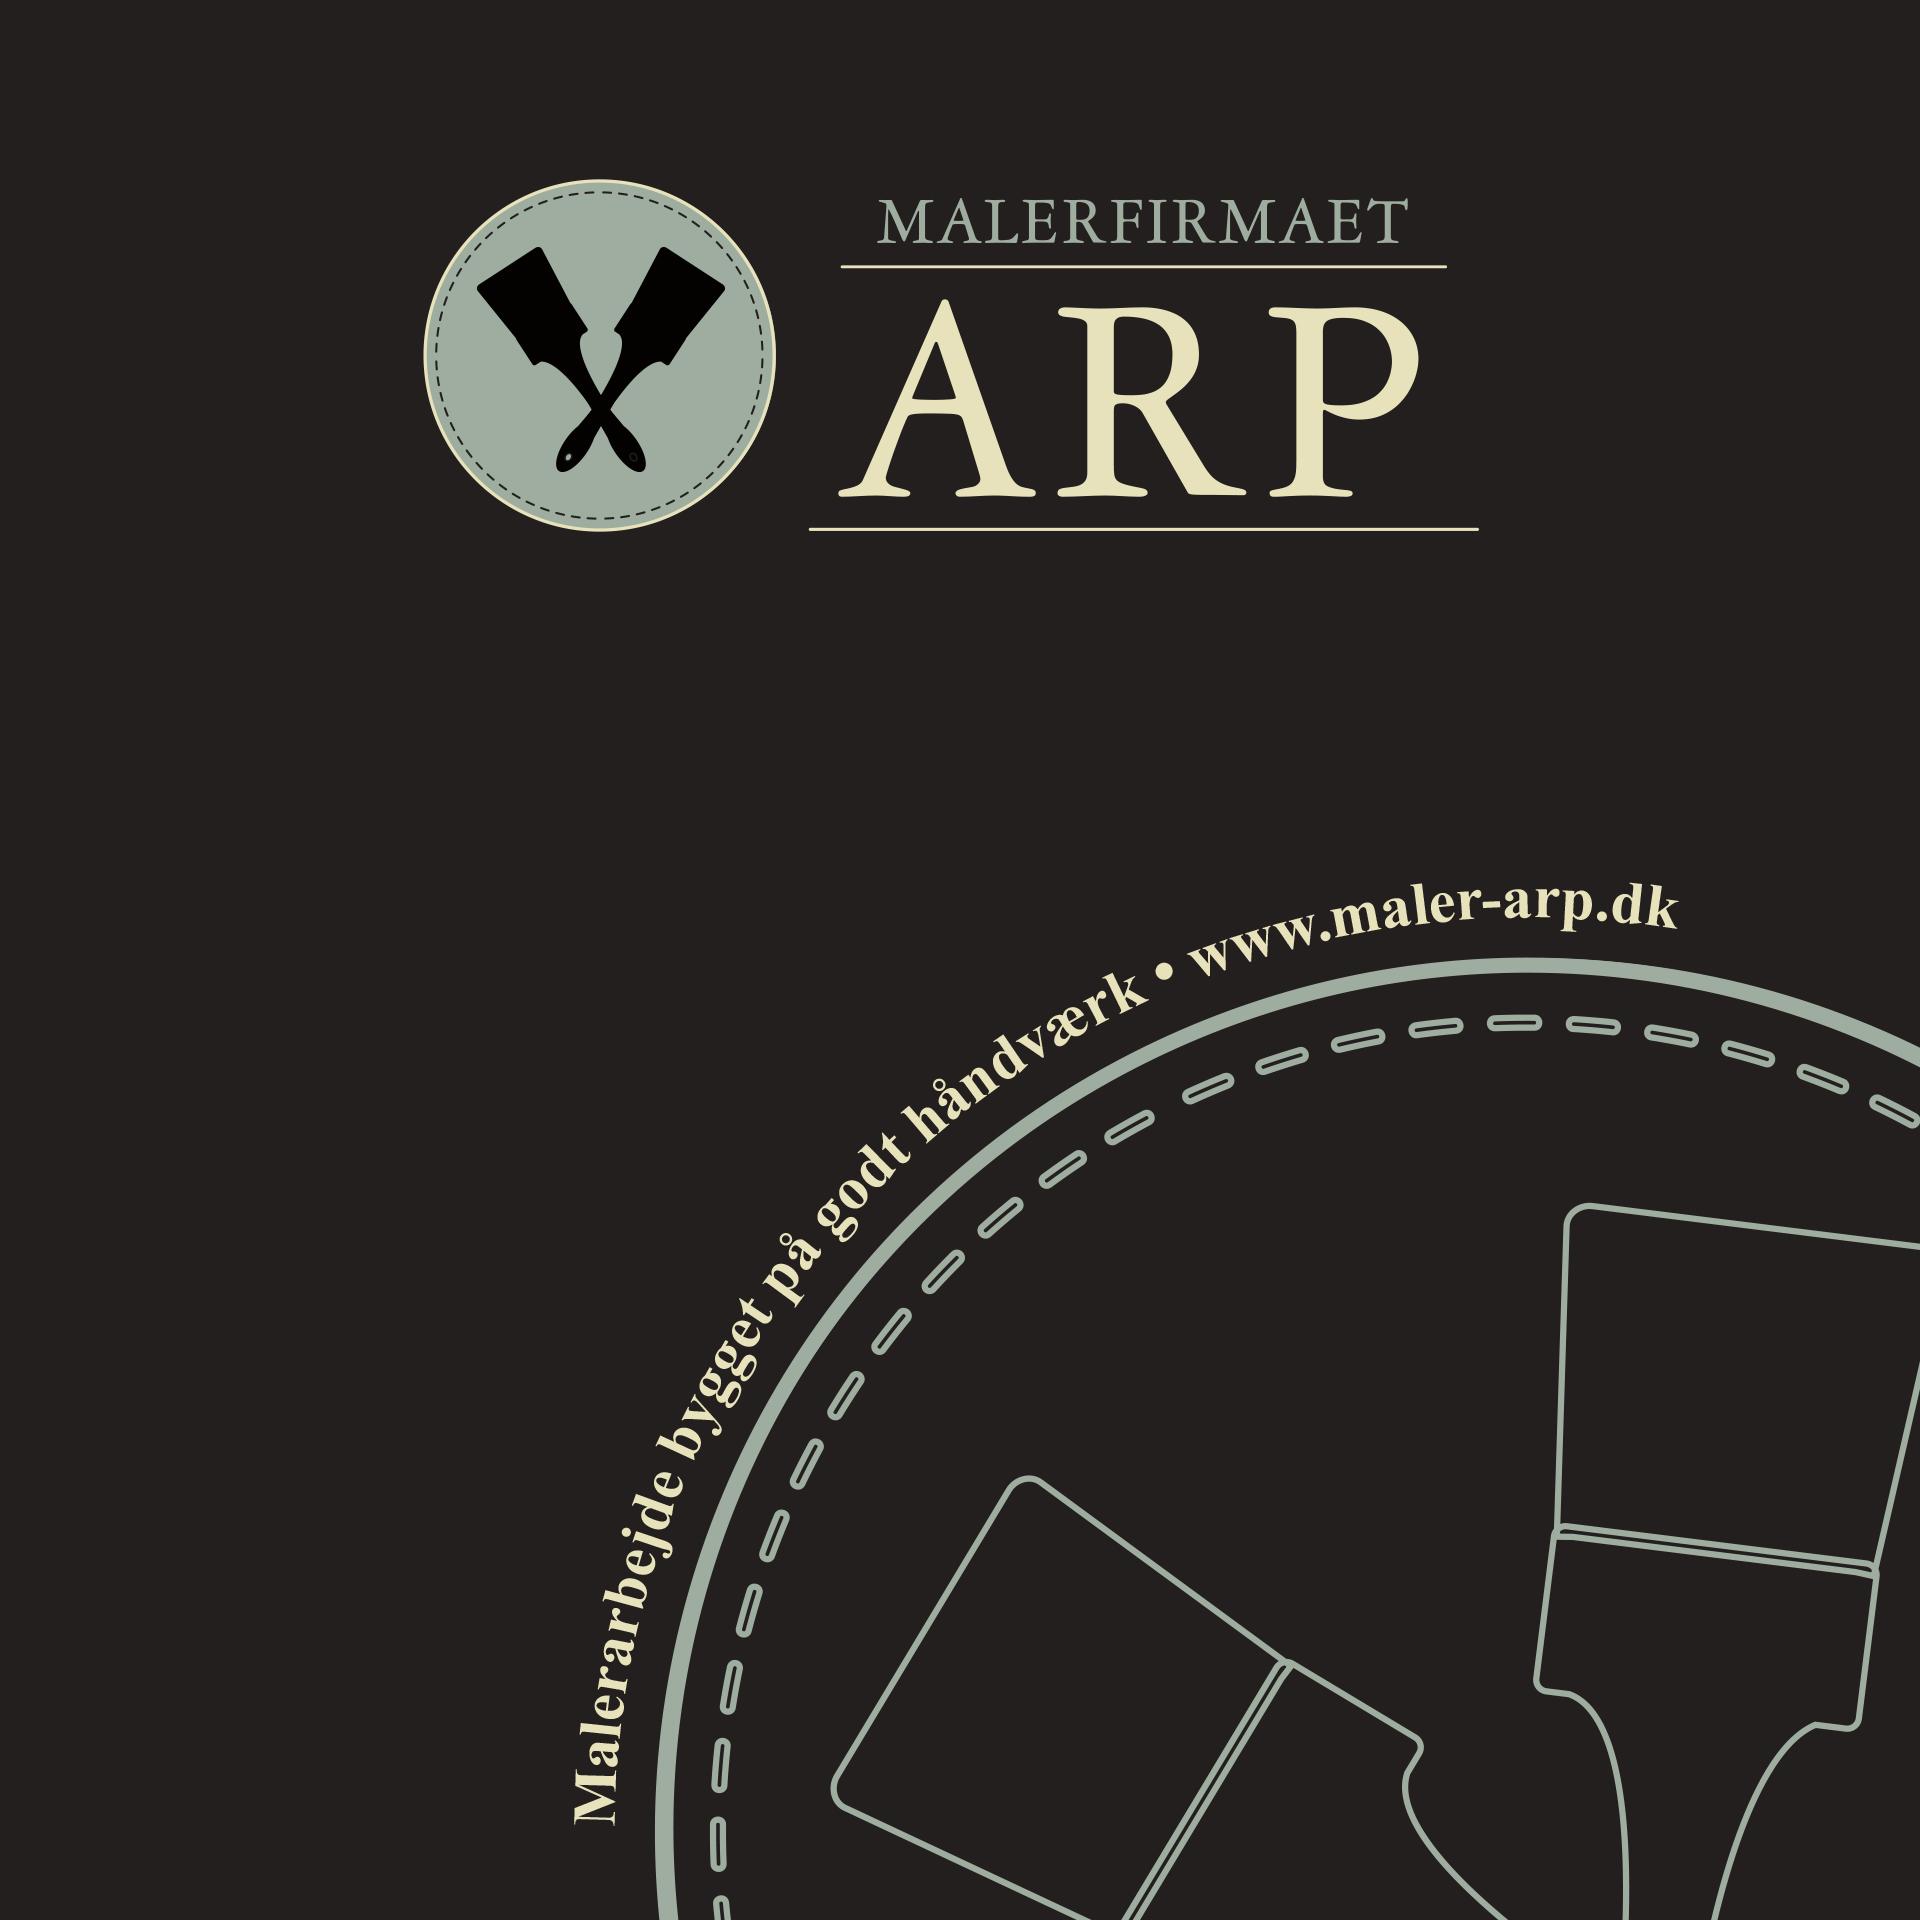 Malerfirmaet Arp